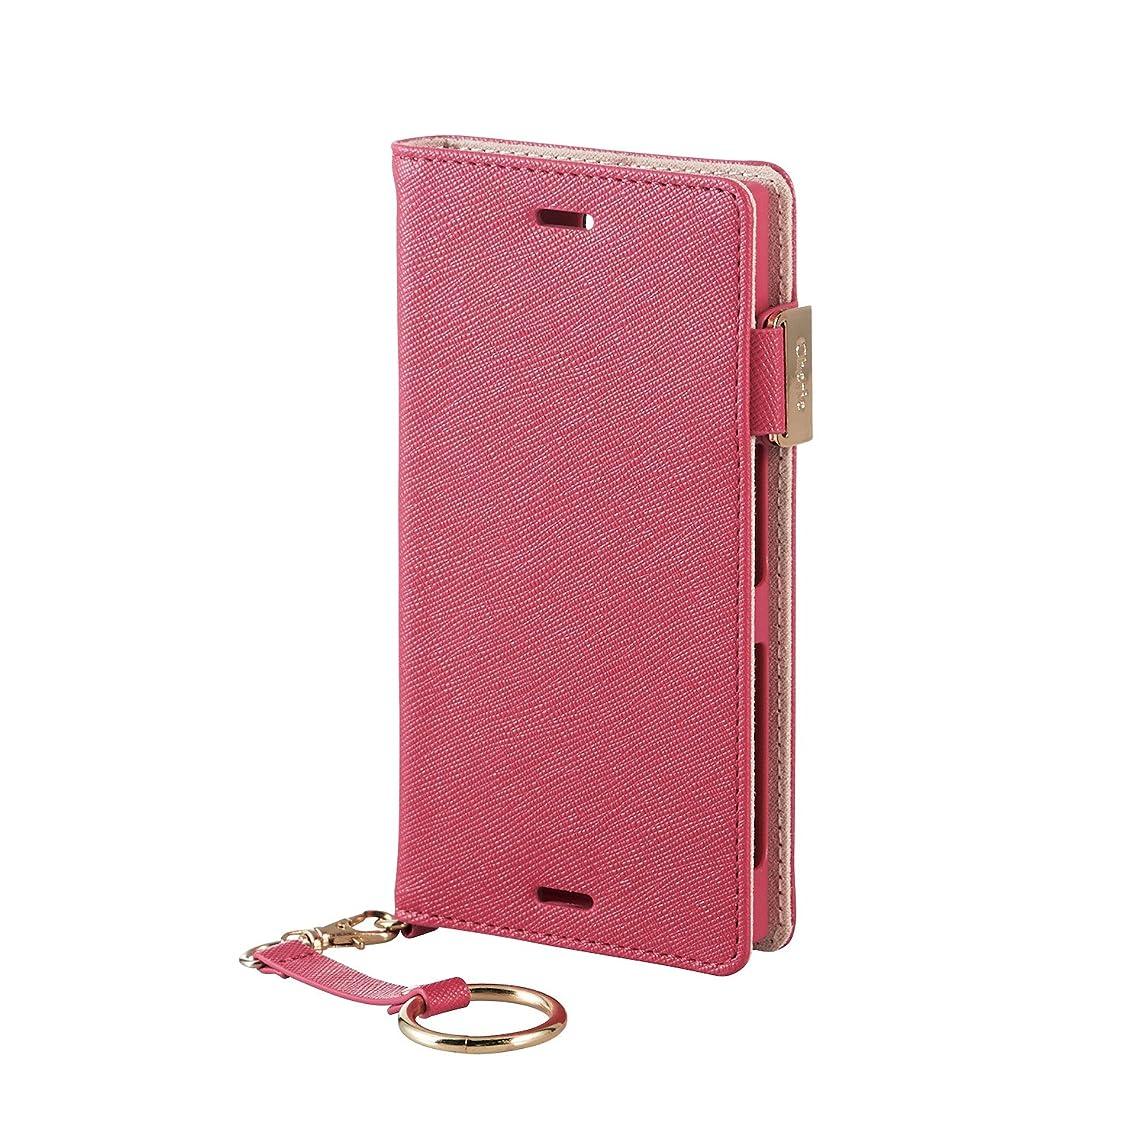 文化補助資格エレコム Xperia X Compact ケース SO-02J ソフトレザーカバー 女子向 磁石付 ピンク PM-SOXCPLFJMPND